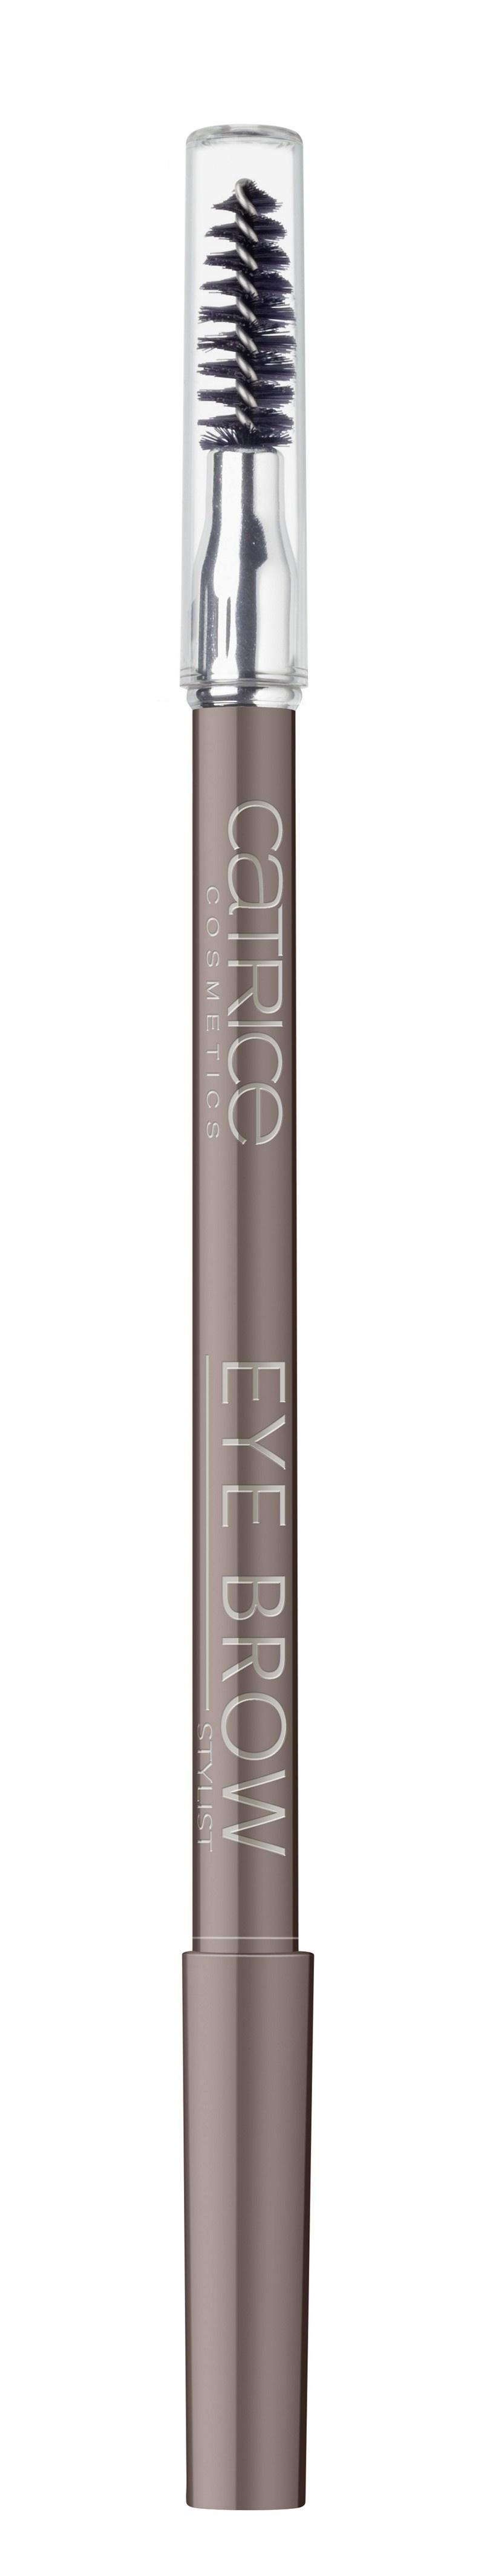 CATRICE Контур для бровей со щеткой Eye Brow Stylist 030 Brow-n-eyed Peas коричневый, 1,6гр48776Незаменимое средство для Ваших бровей В практичном дизайне в форме ручки. Благодаря профессиональной щеточке, создает идеальную форму бровей, на которую очень легко нанести пудровую текстуру карандаша и сделать натуральные, естественные брови. Вы больше никогда без него не выйдете из дома!Как создать идеальные брови: пошаговая инструкция. Статья OZON Гид